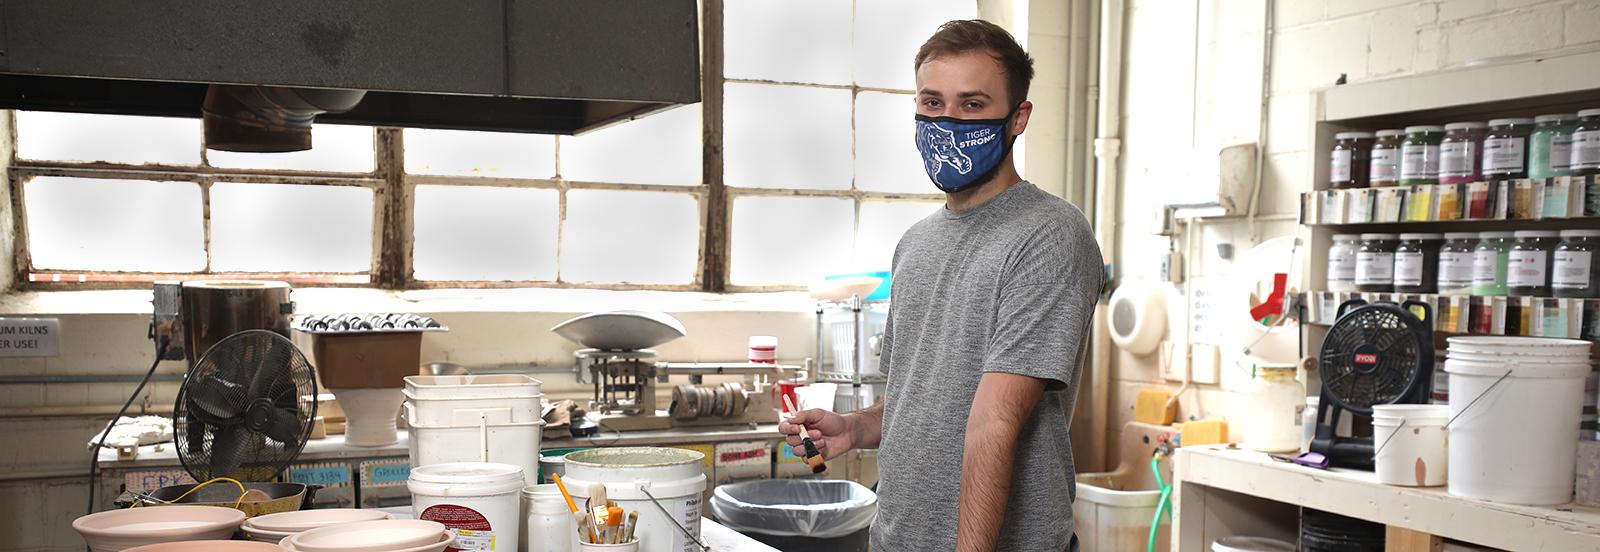 art student wearing mask